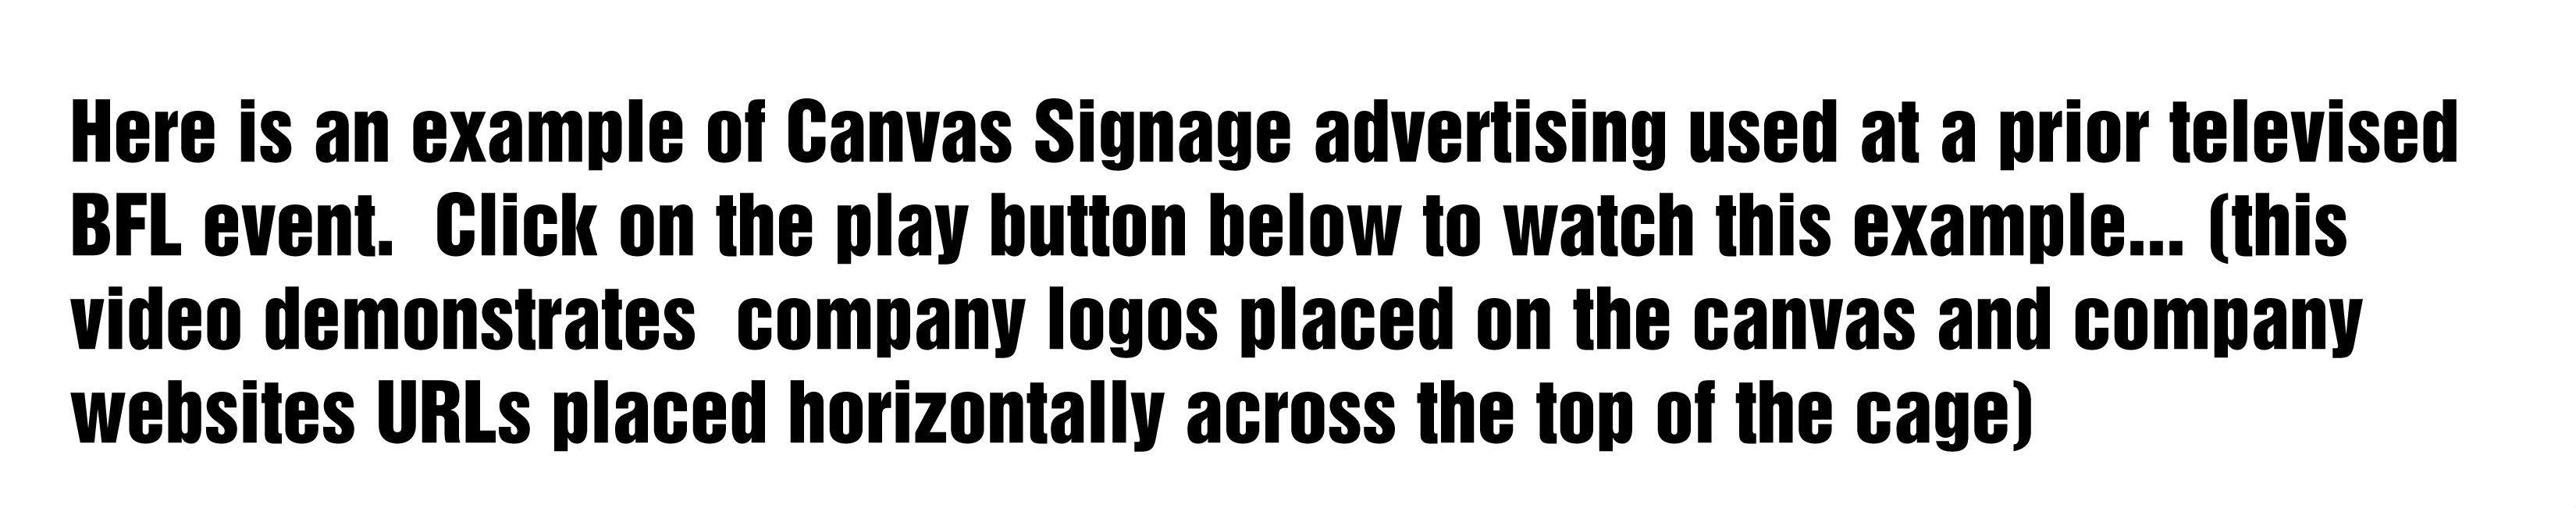 sponsorship-page4